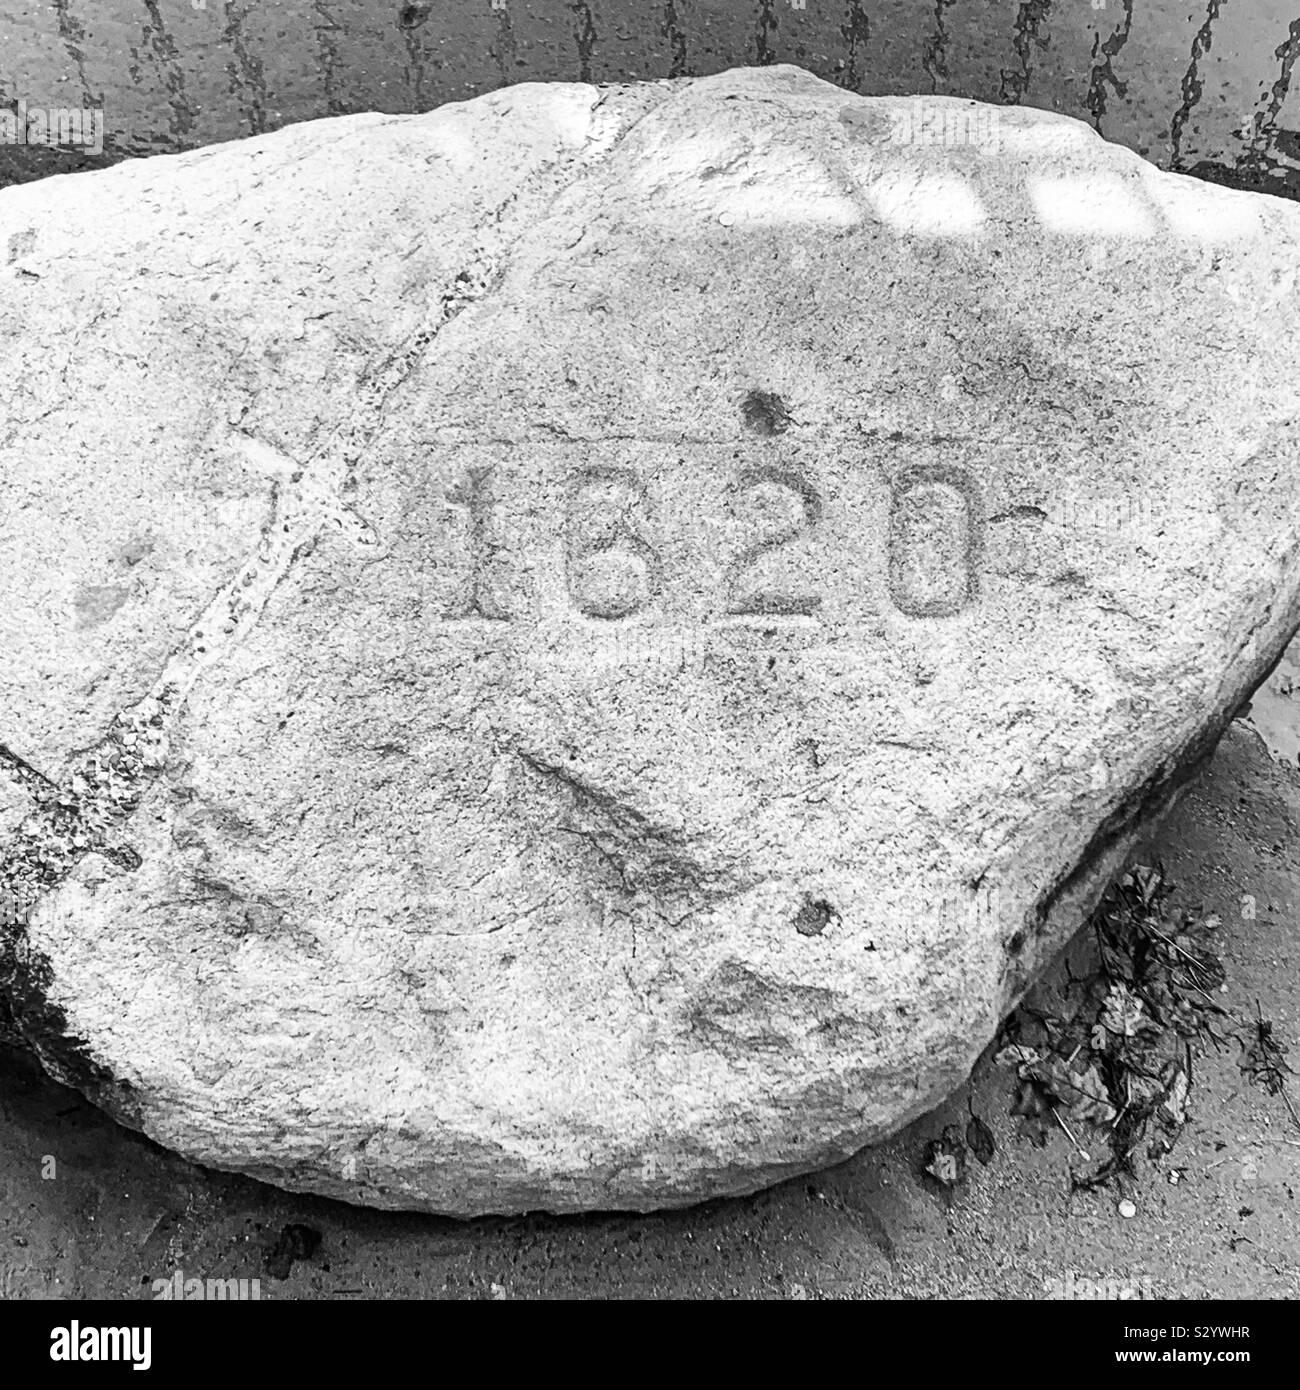 Schwarz-weiß Bild von Plymouth Rock, Pilgrim Memorial State Park, Plymouth, Massachusetts, Vereinigte Staaten von Amerika Stockfoto